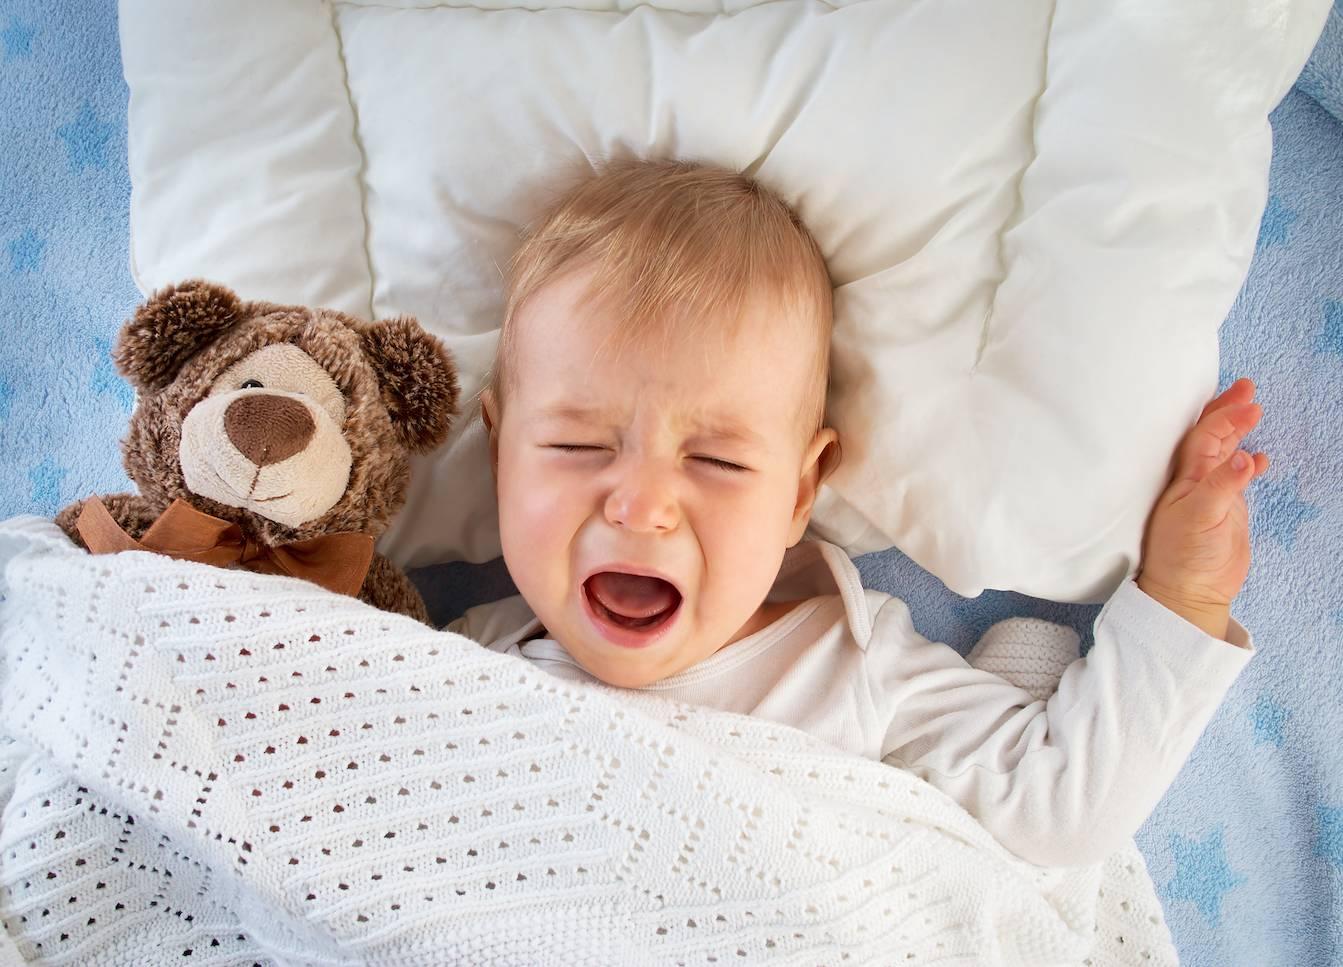 Судороги у новорожденного ребенка во время сна: причины, что делать